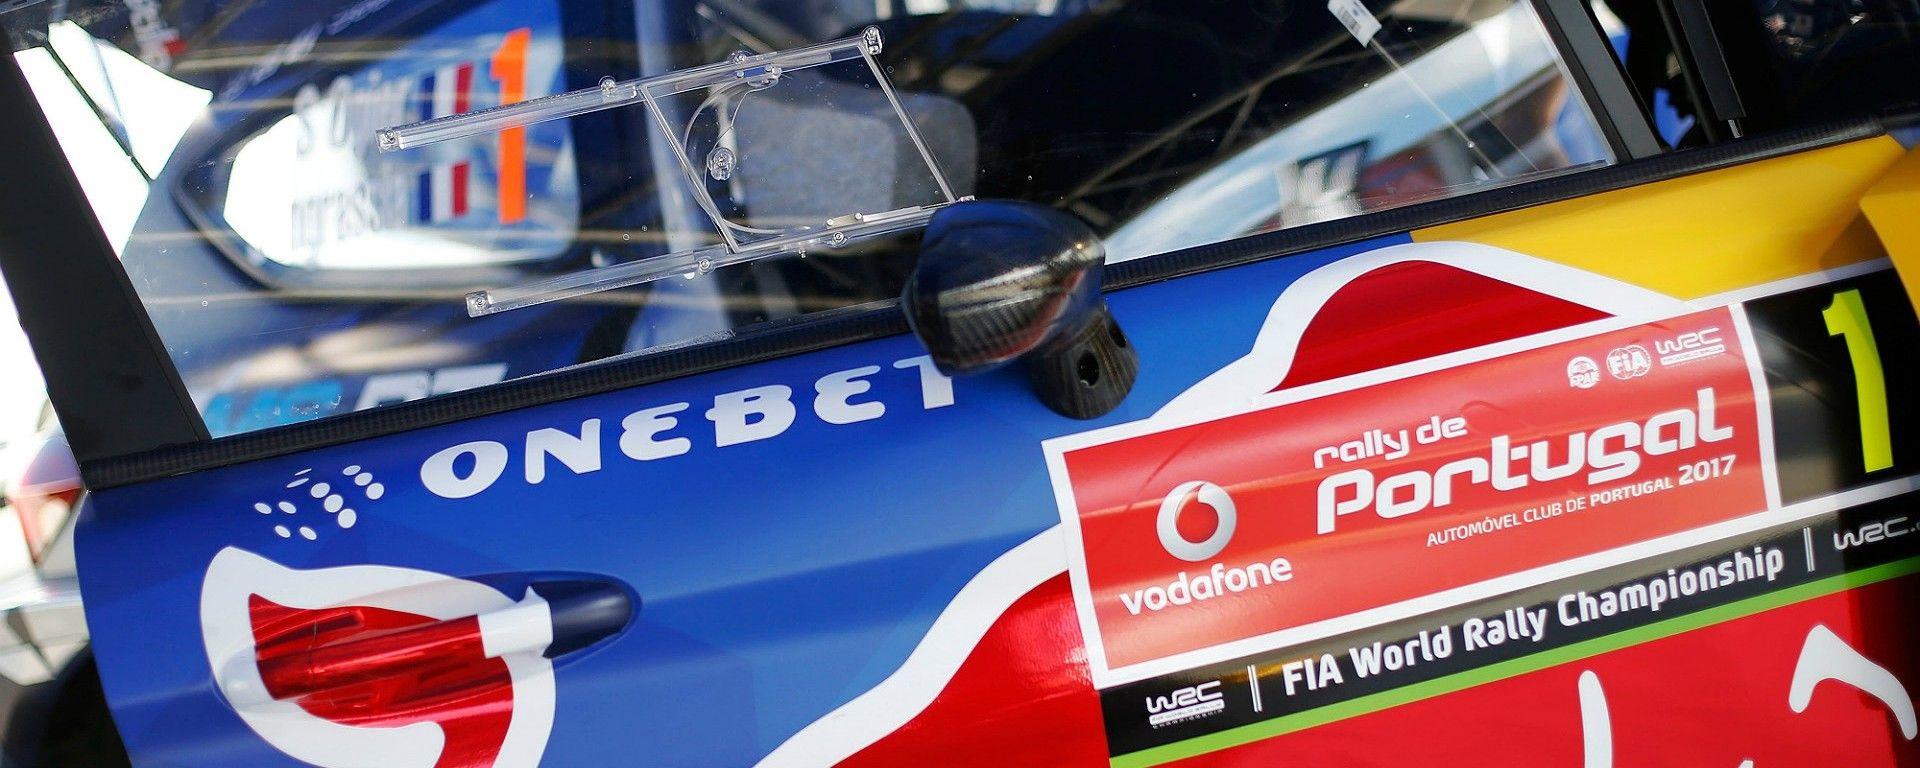 Ogier trionfa nel Rally del Portogallo, WRC 2017